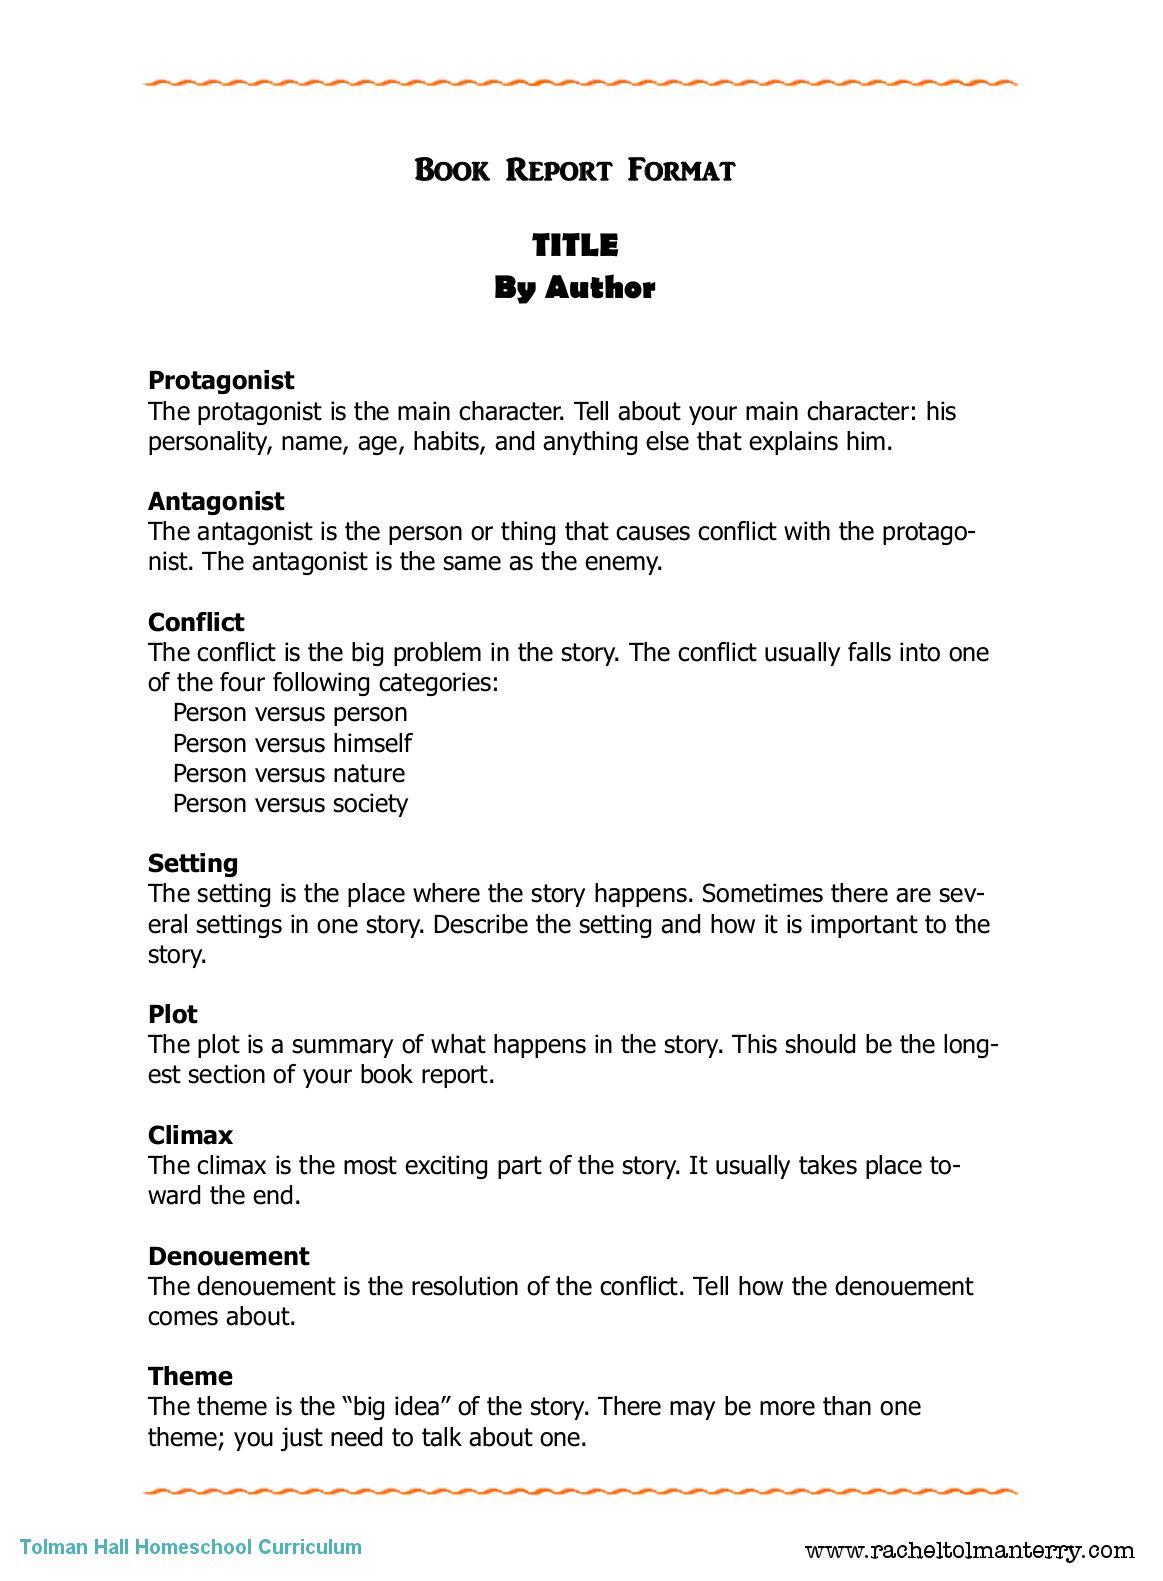 Music - Essays - Lena9 - Term Paper